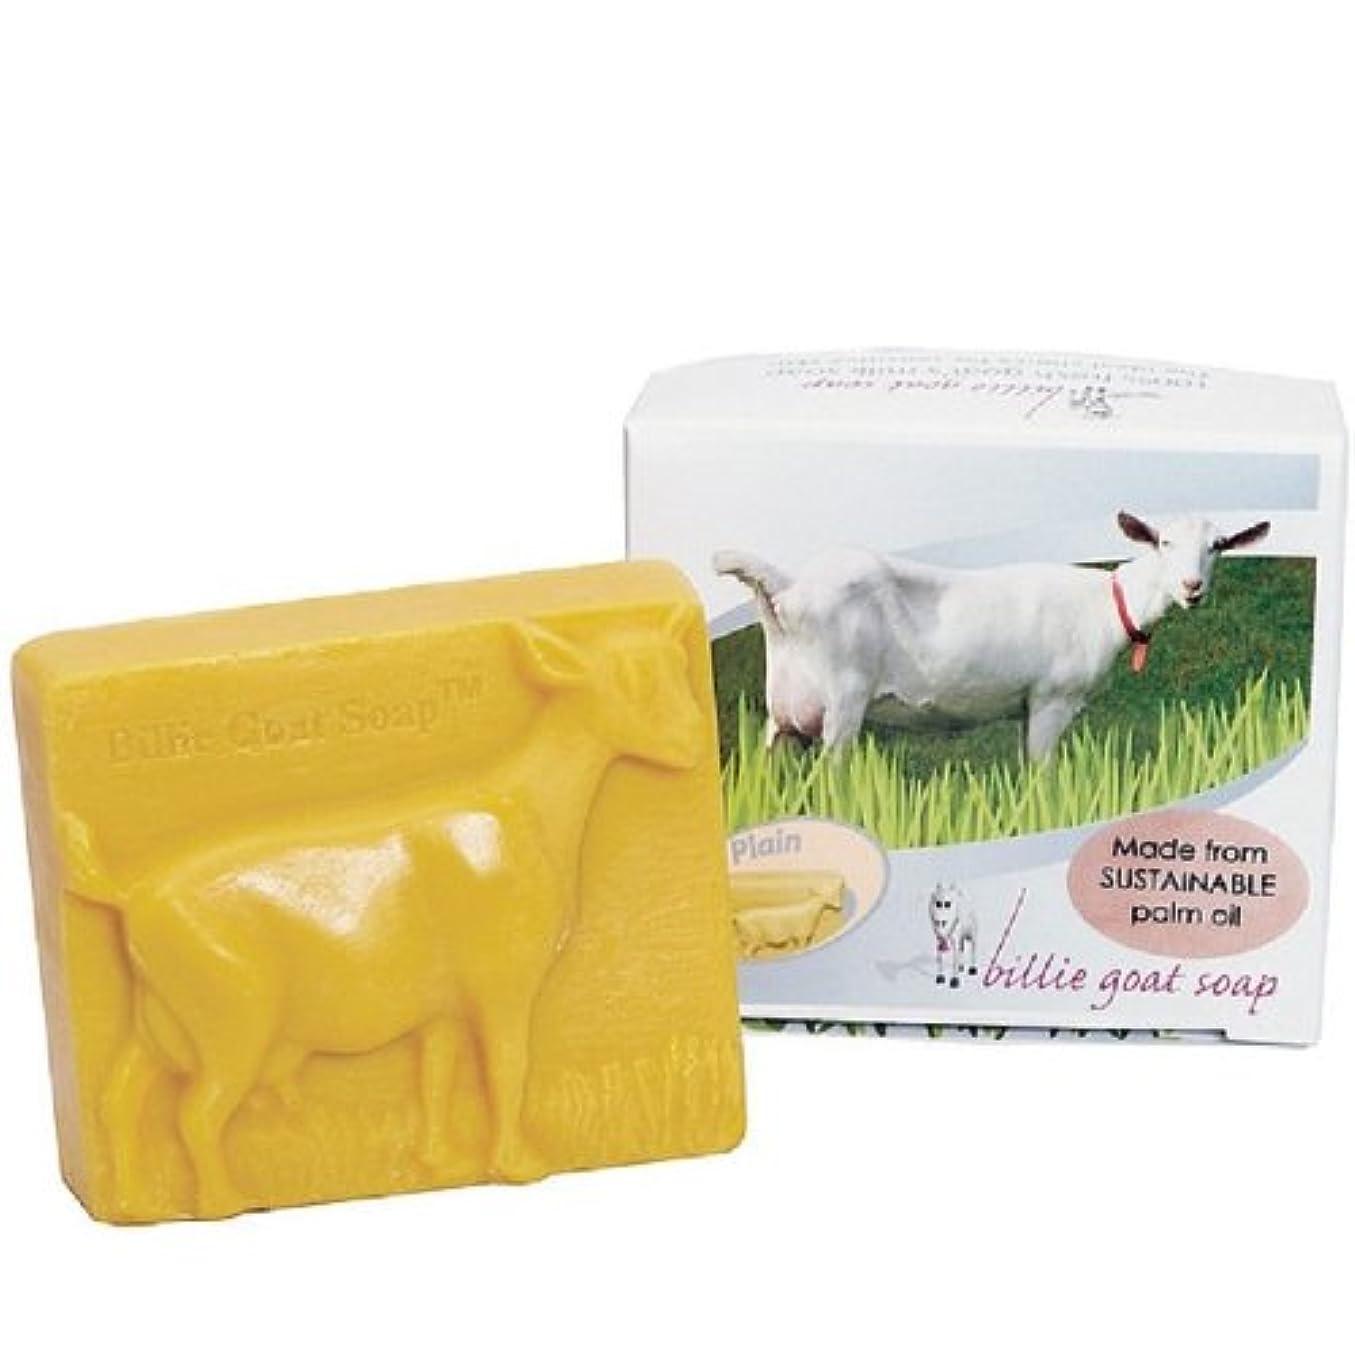 場合ビバ証言する【BILLIE GOAT SOAP】ビリーゴートミルクソープ 3個セット パームオイル使用 プレーン